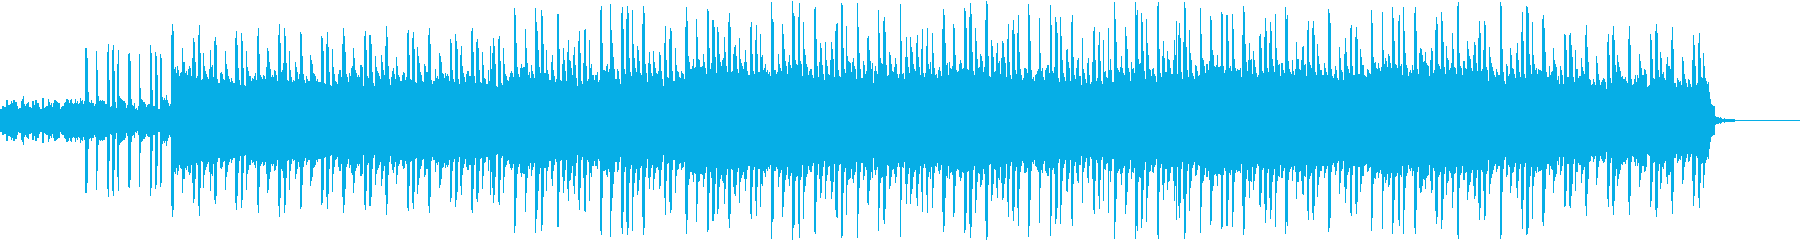 マリンバと繰り返すメロディの切ない曲の再生済みの波形